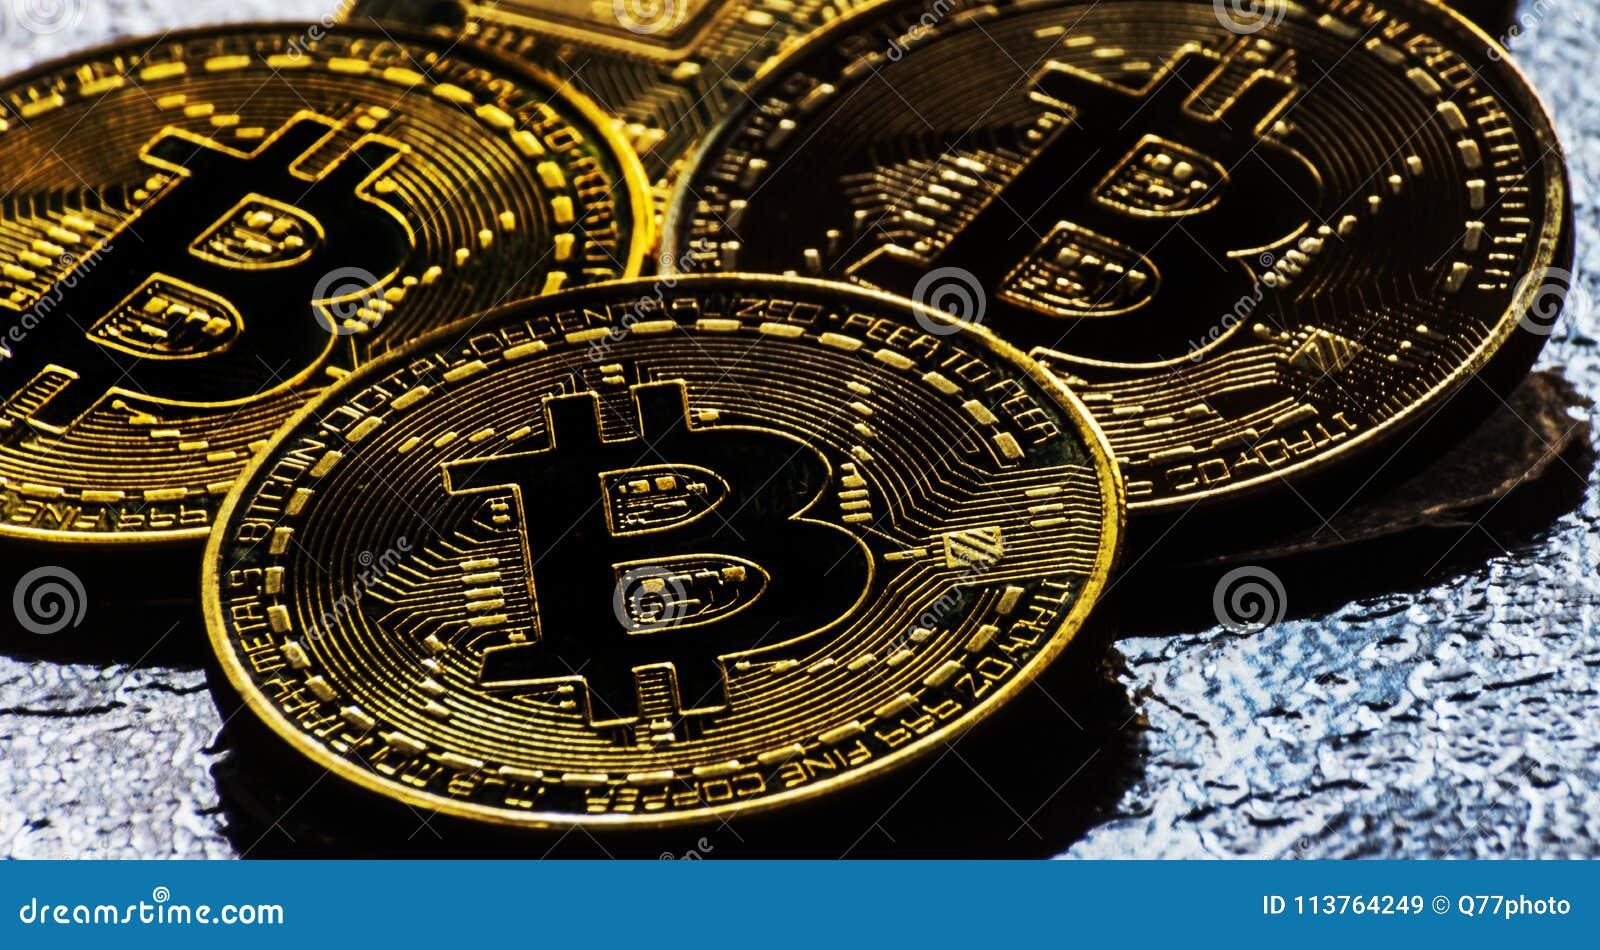 Valuta cripto Bitcoin dorato, BTC, moneta macro presa, bitcoin MI